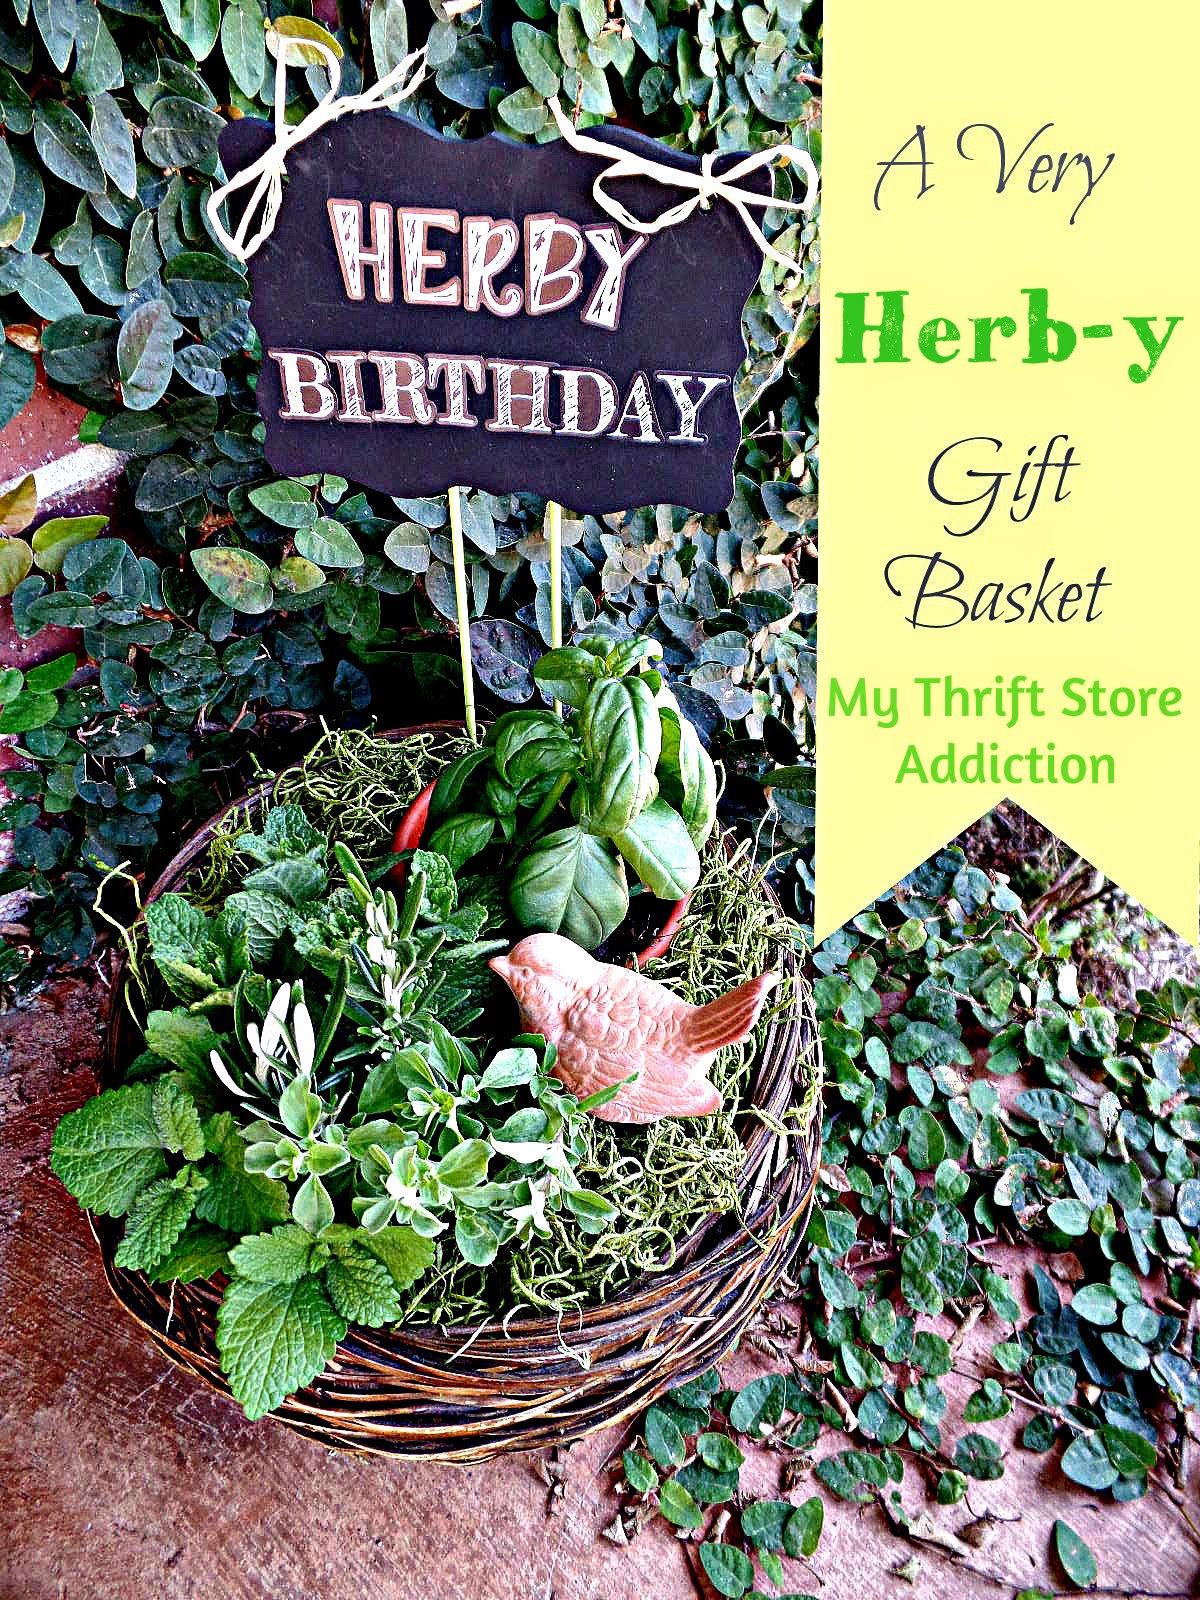 Herb gift basket